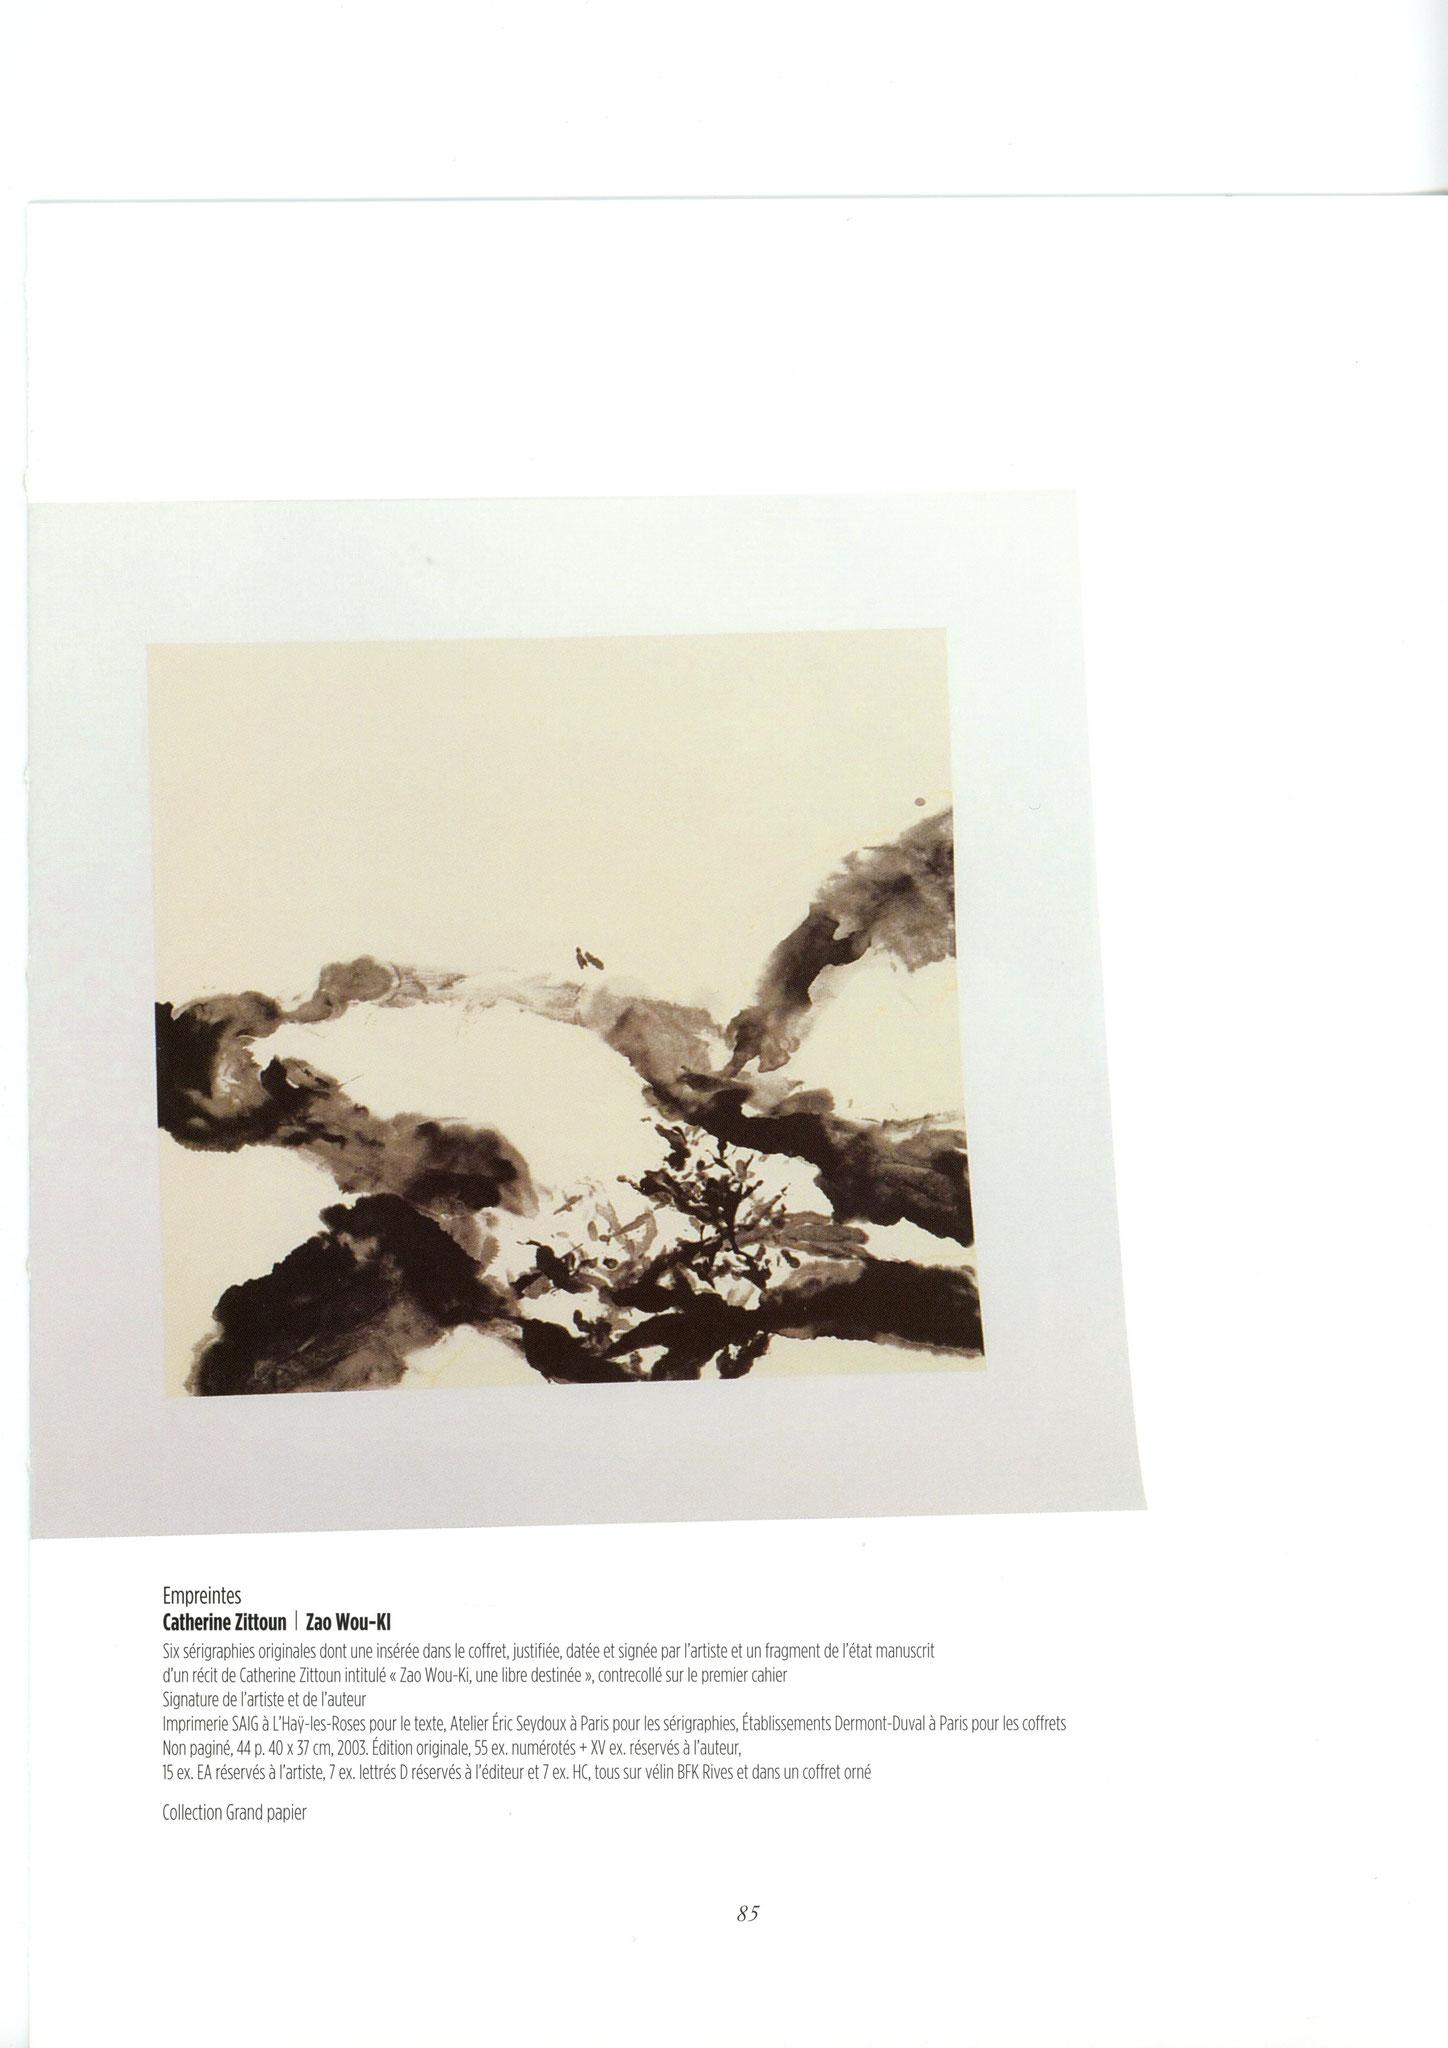 Empreintes - Catherine Zittoun / Zao Wou-ki